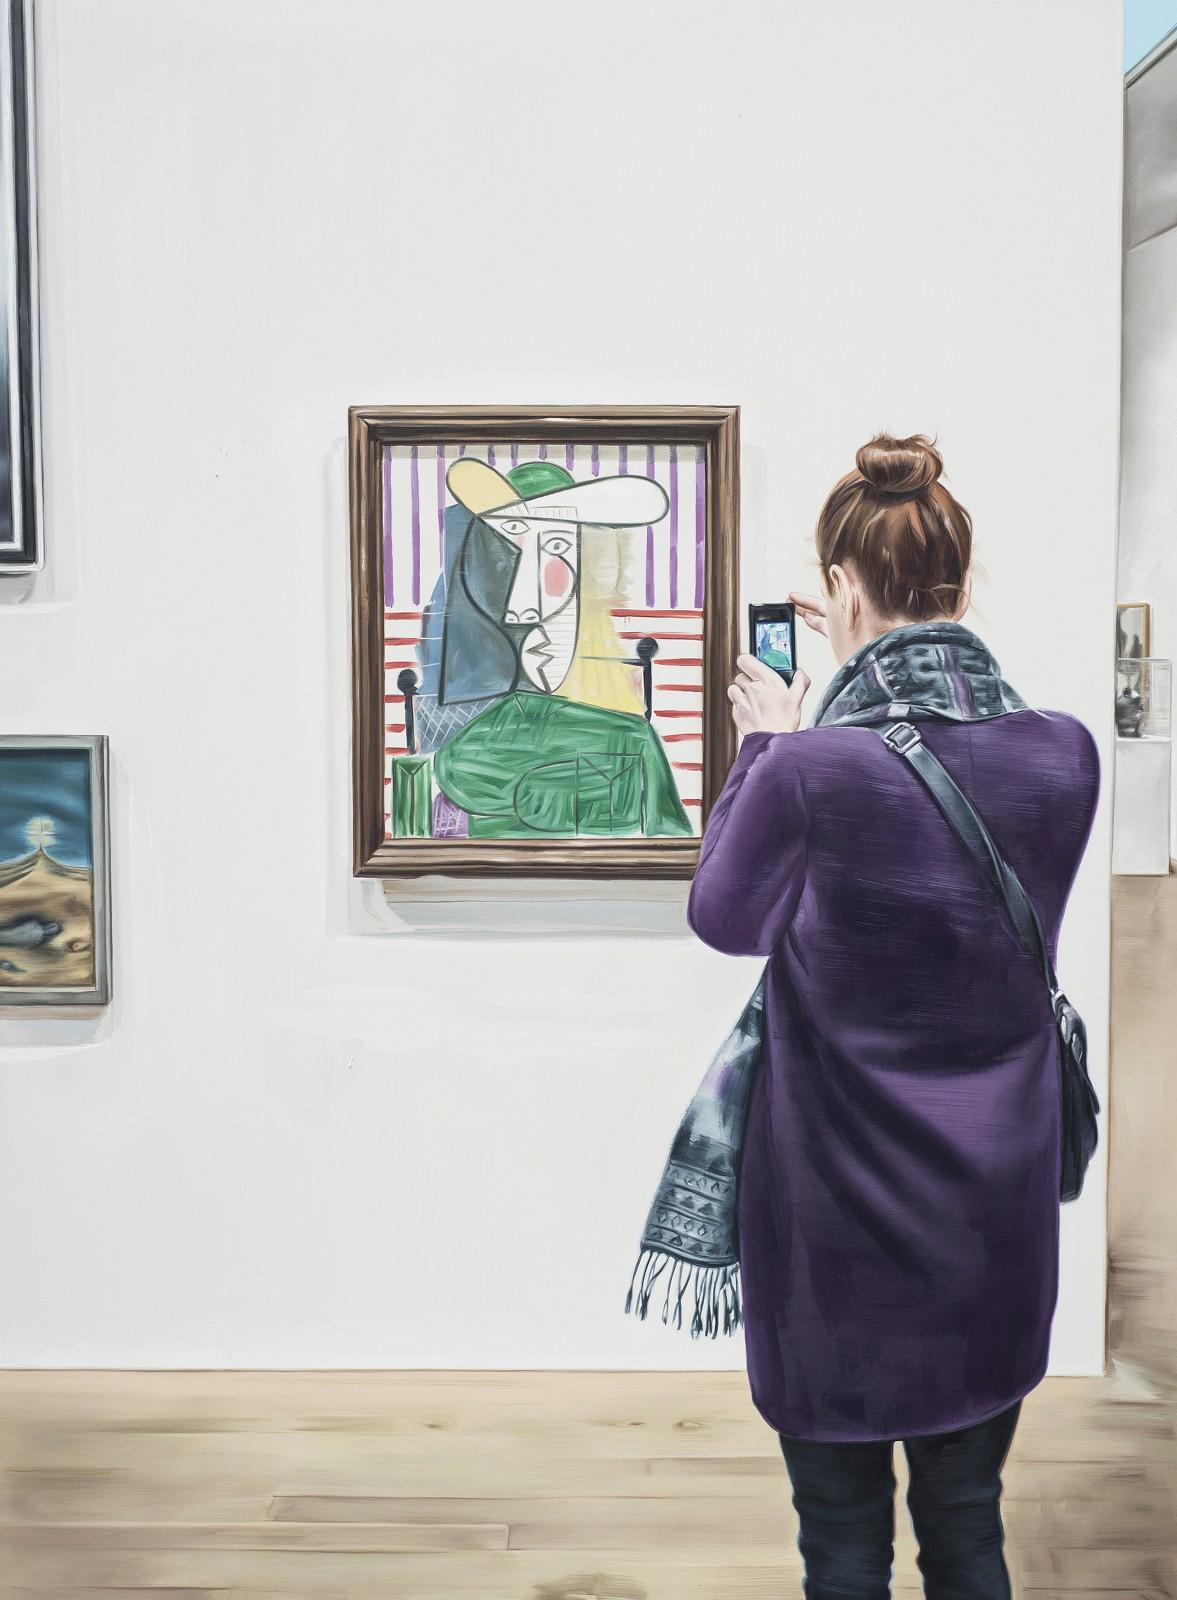 """Marcin Maciejowski, """"Bust of a Woman, 1944"""", 2014, olej na płótnie, 190 x 140 cm, fot. dzięki uprzejmości Galerii Raster"""